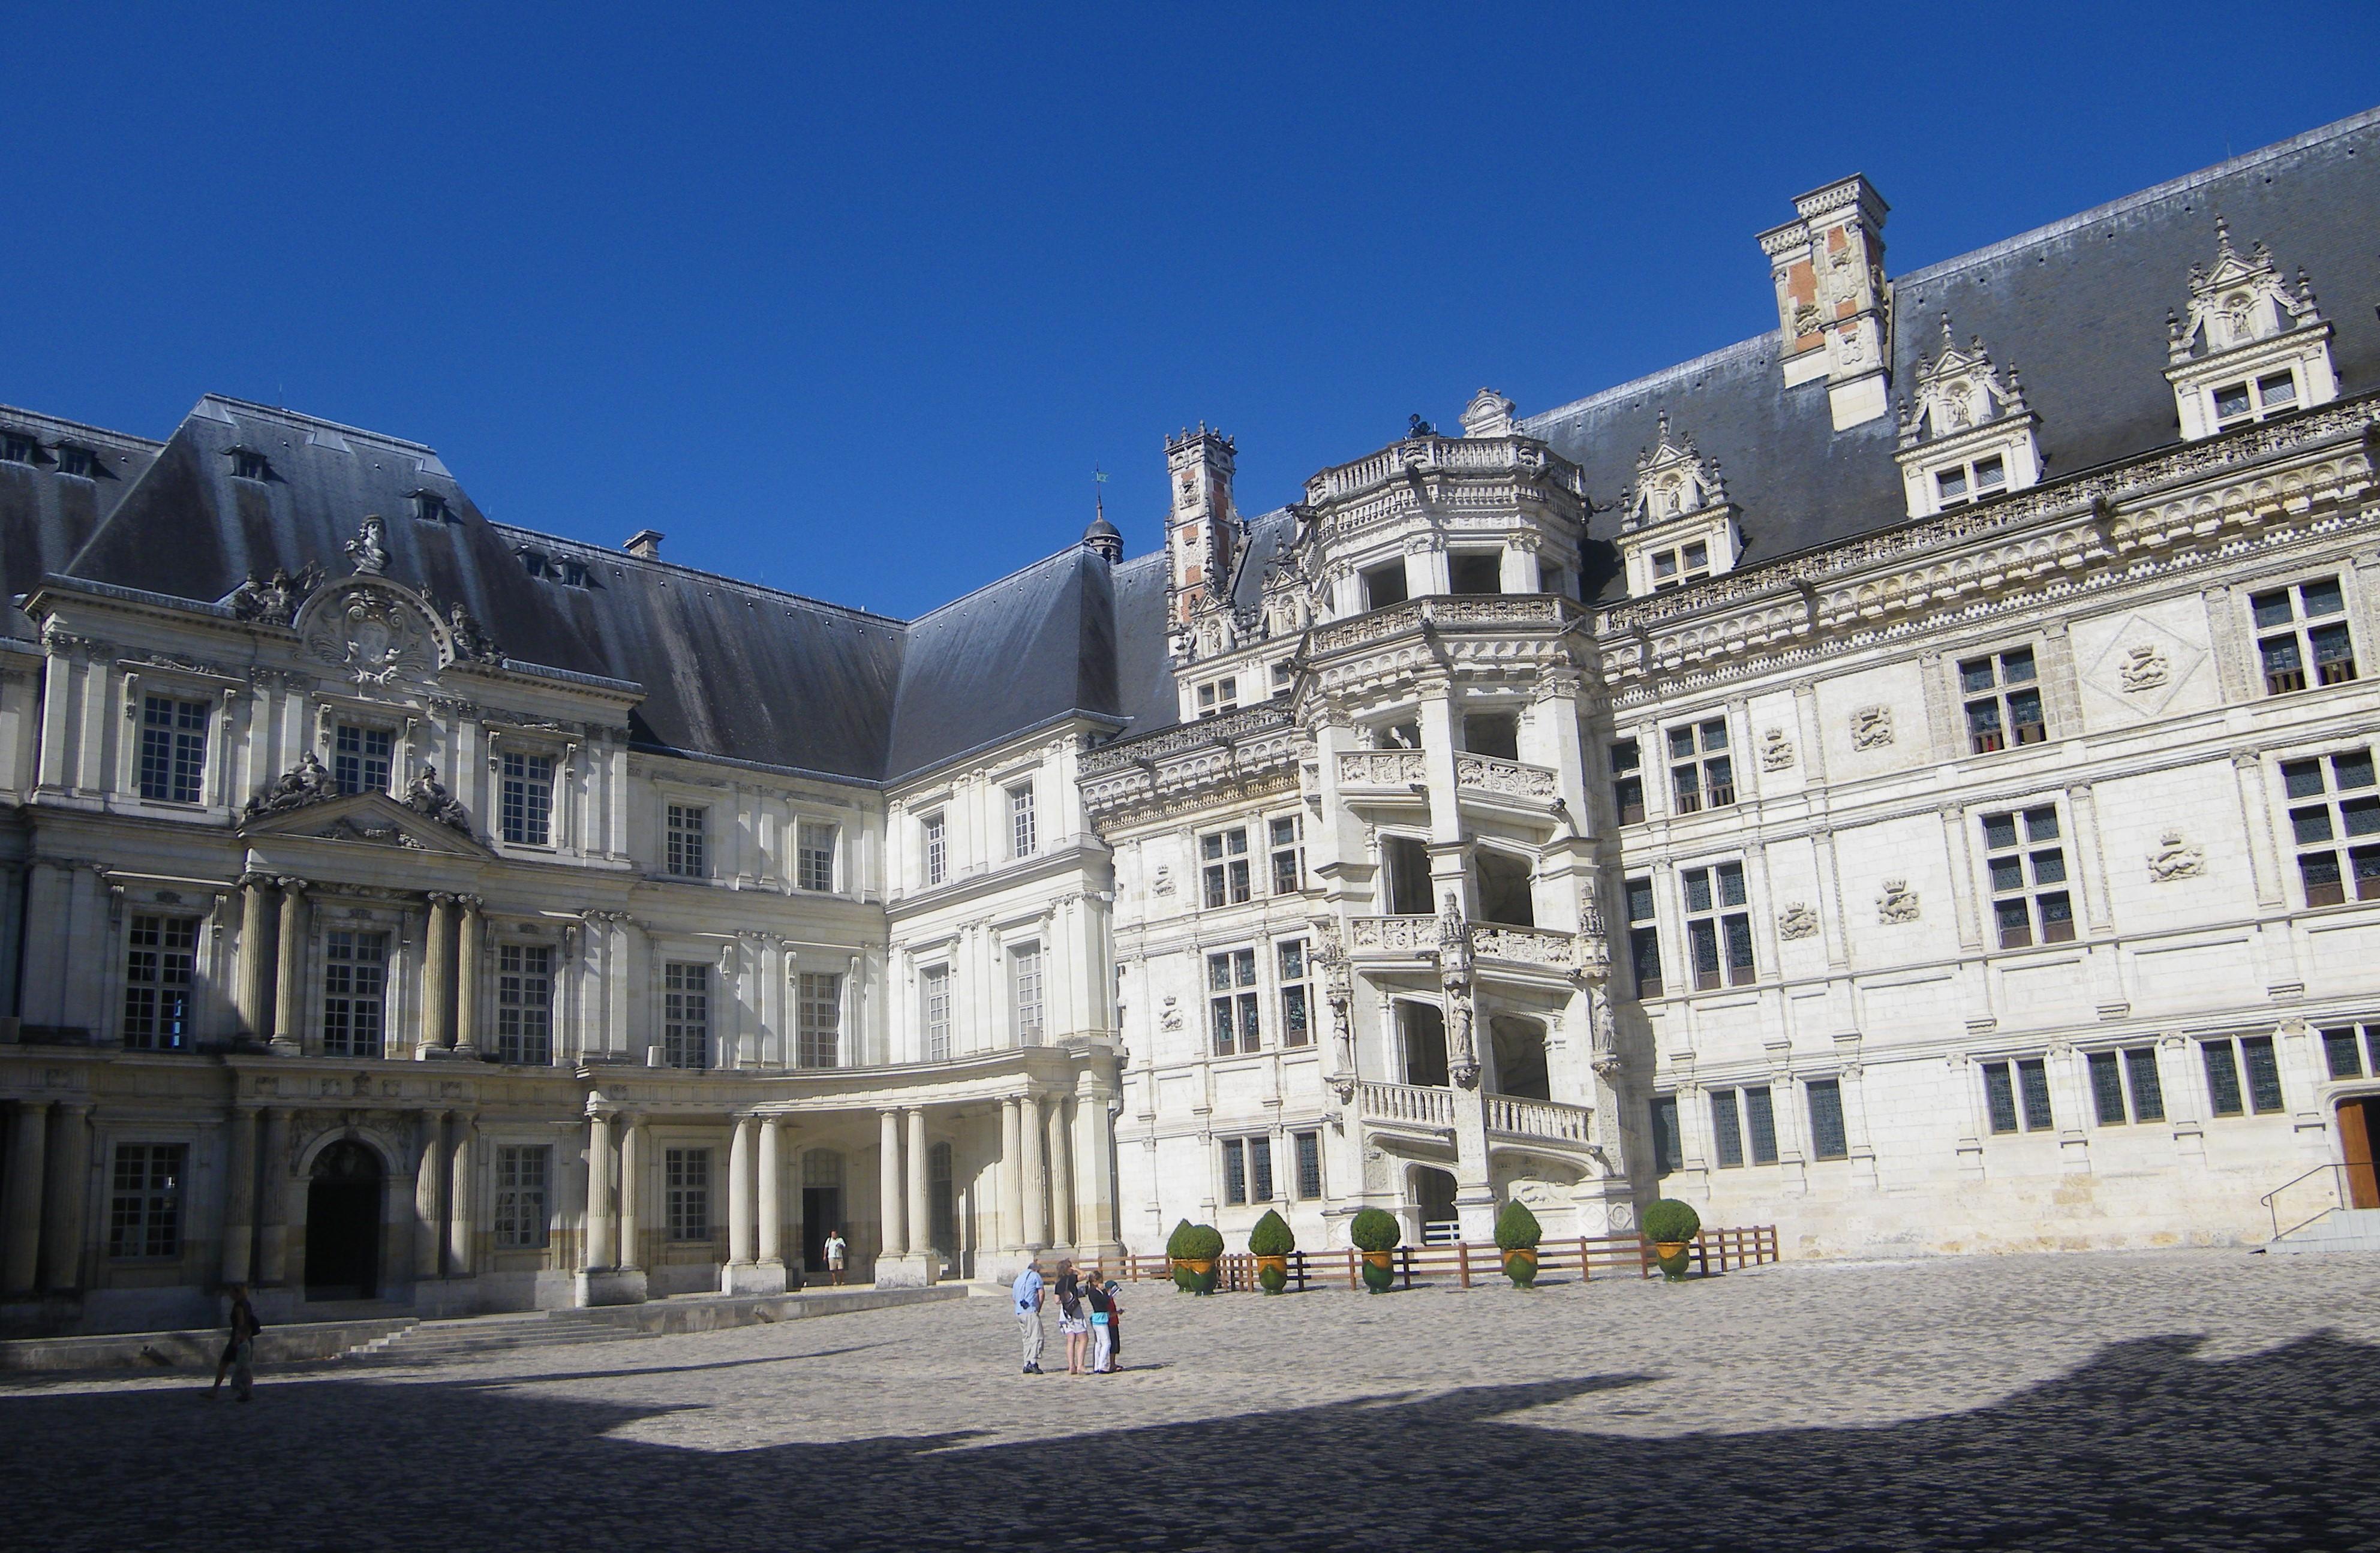 Blois_7